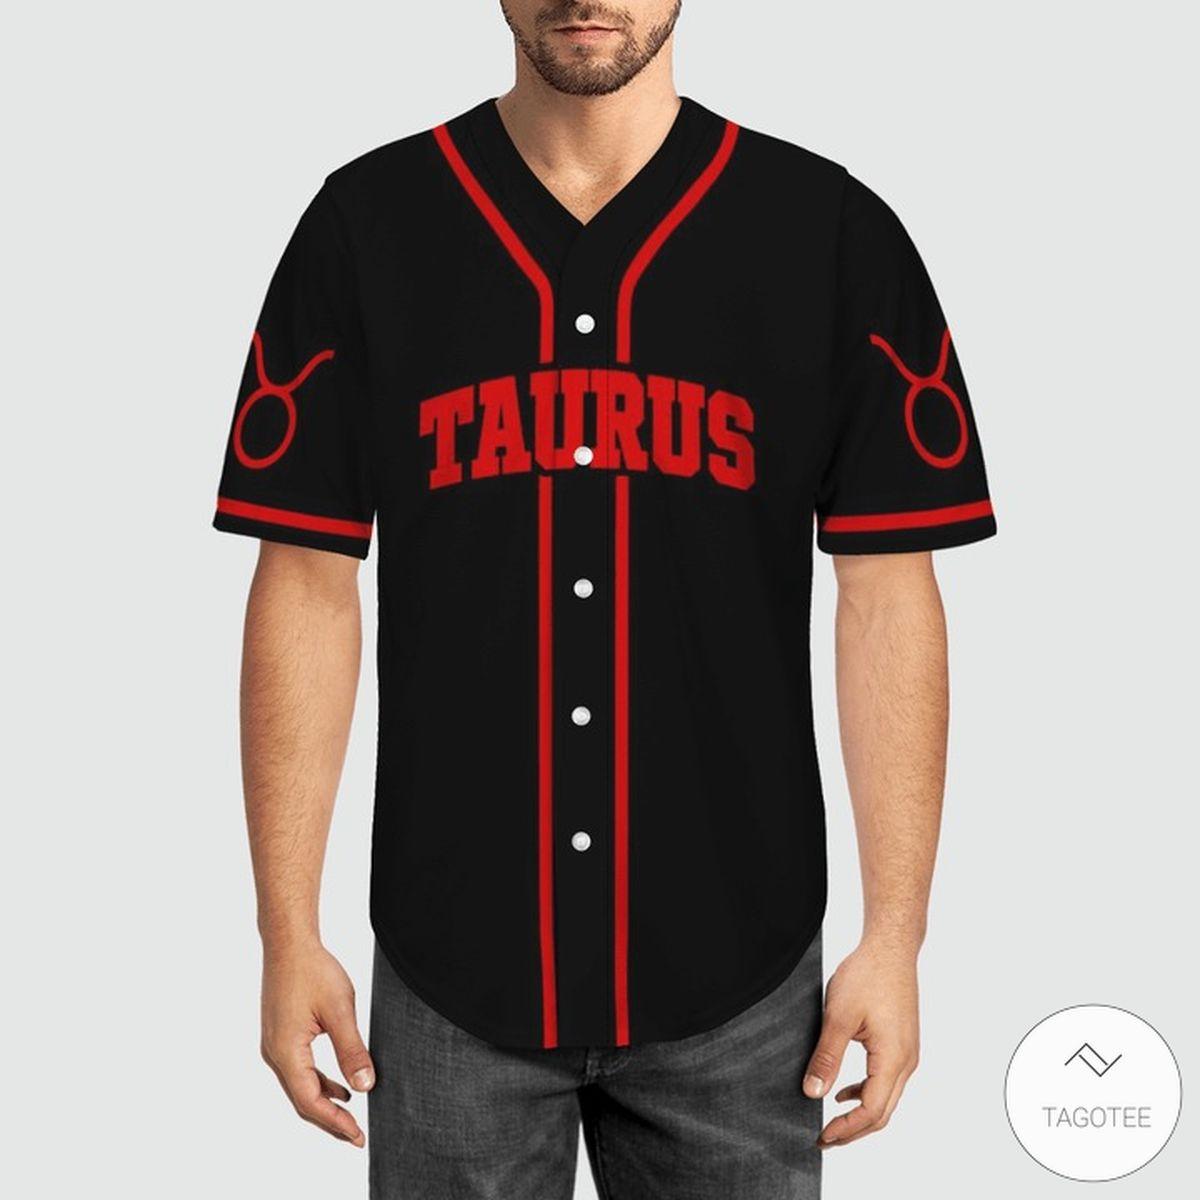 Taurus Baseball Jerseyz